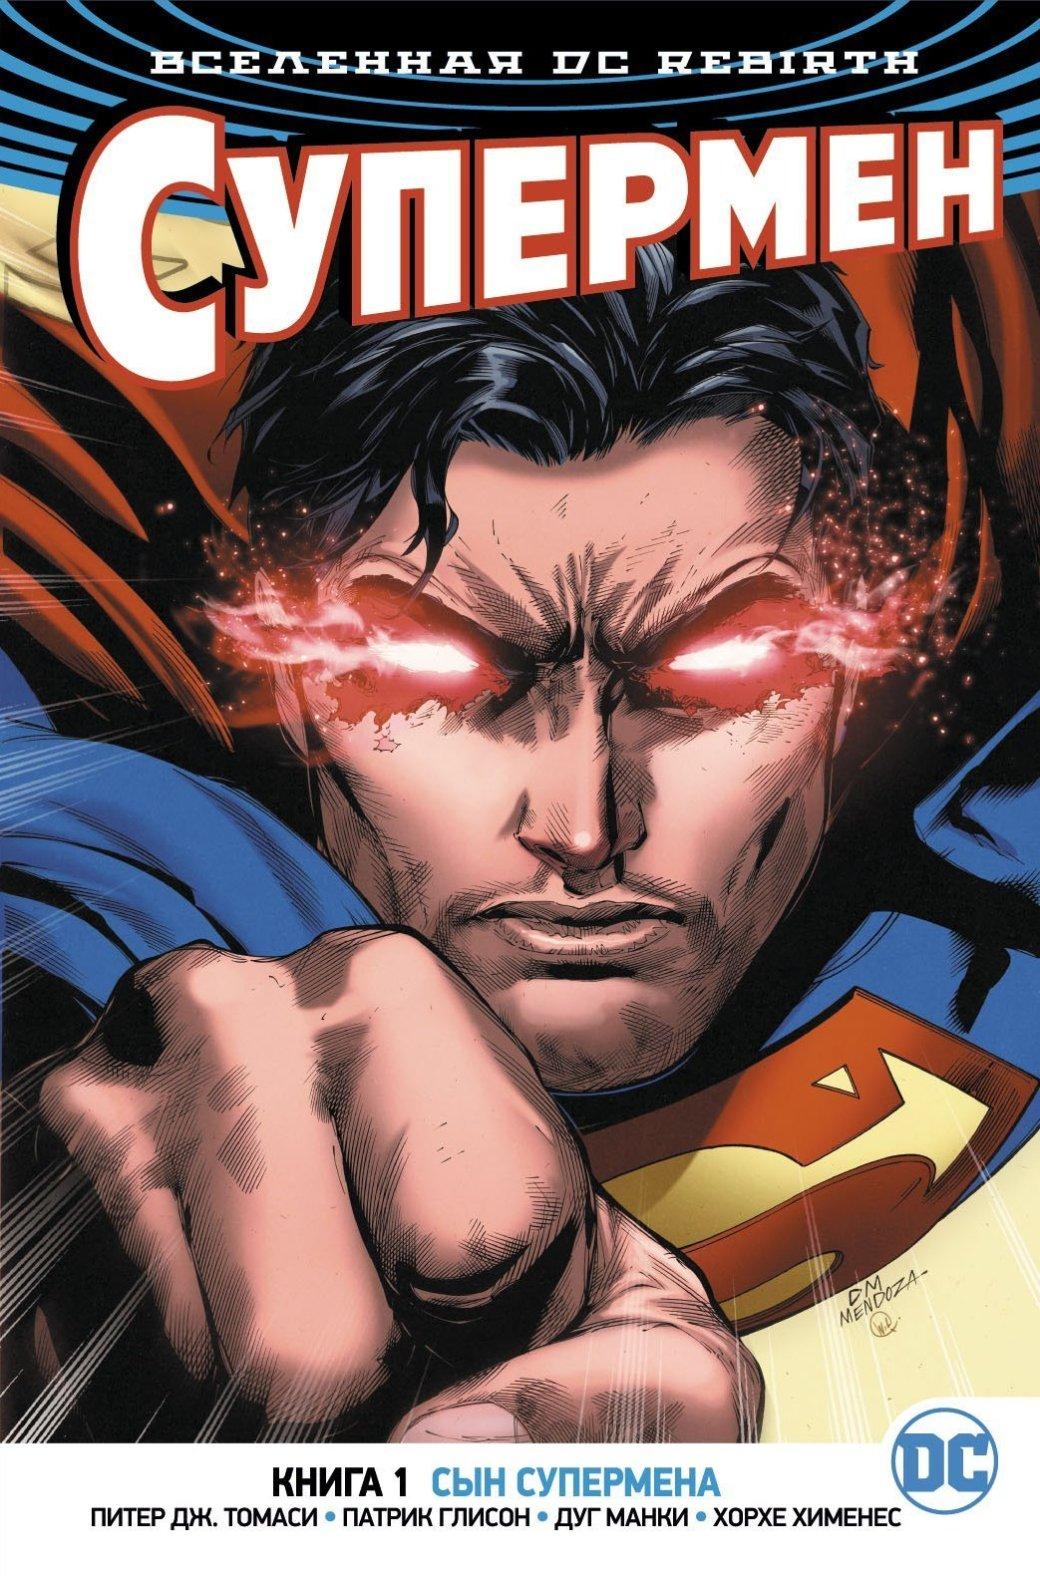 История Супермена иэволюция его образа вкомиксах | Канобу - Изображение 40